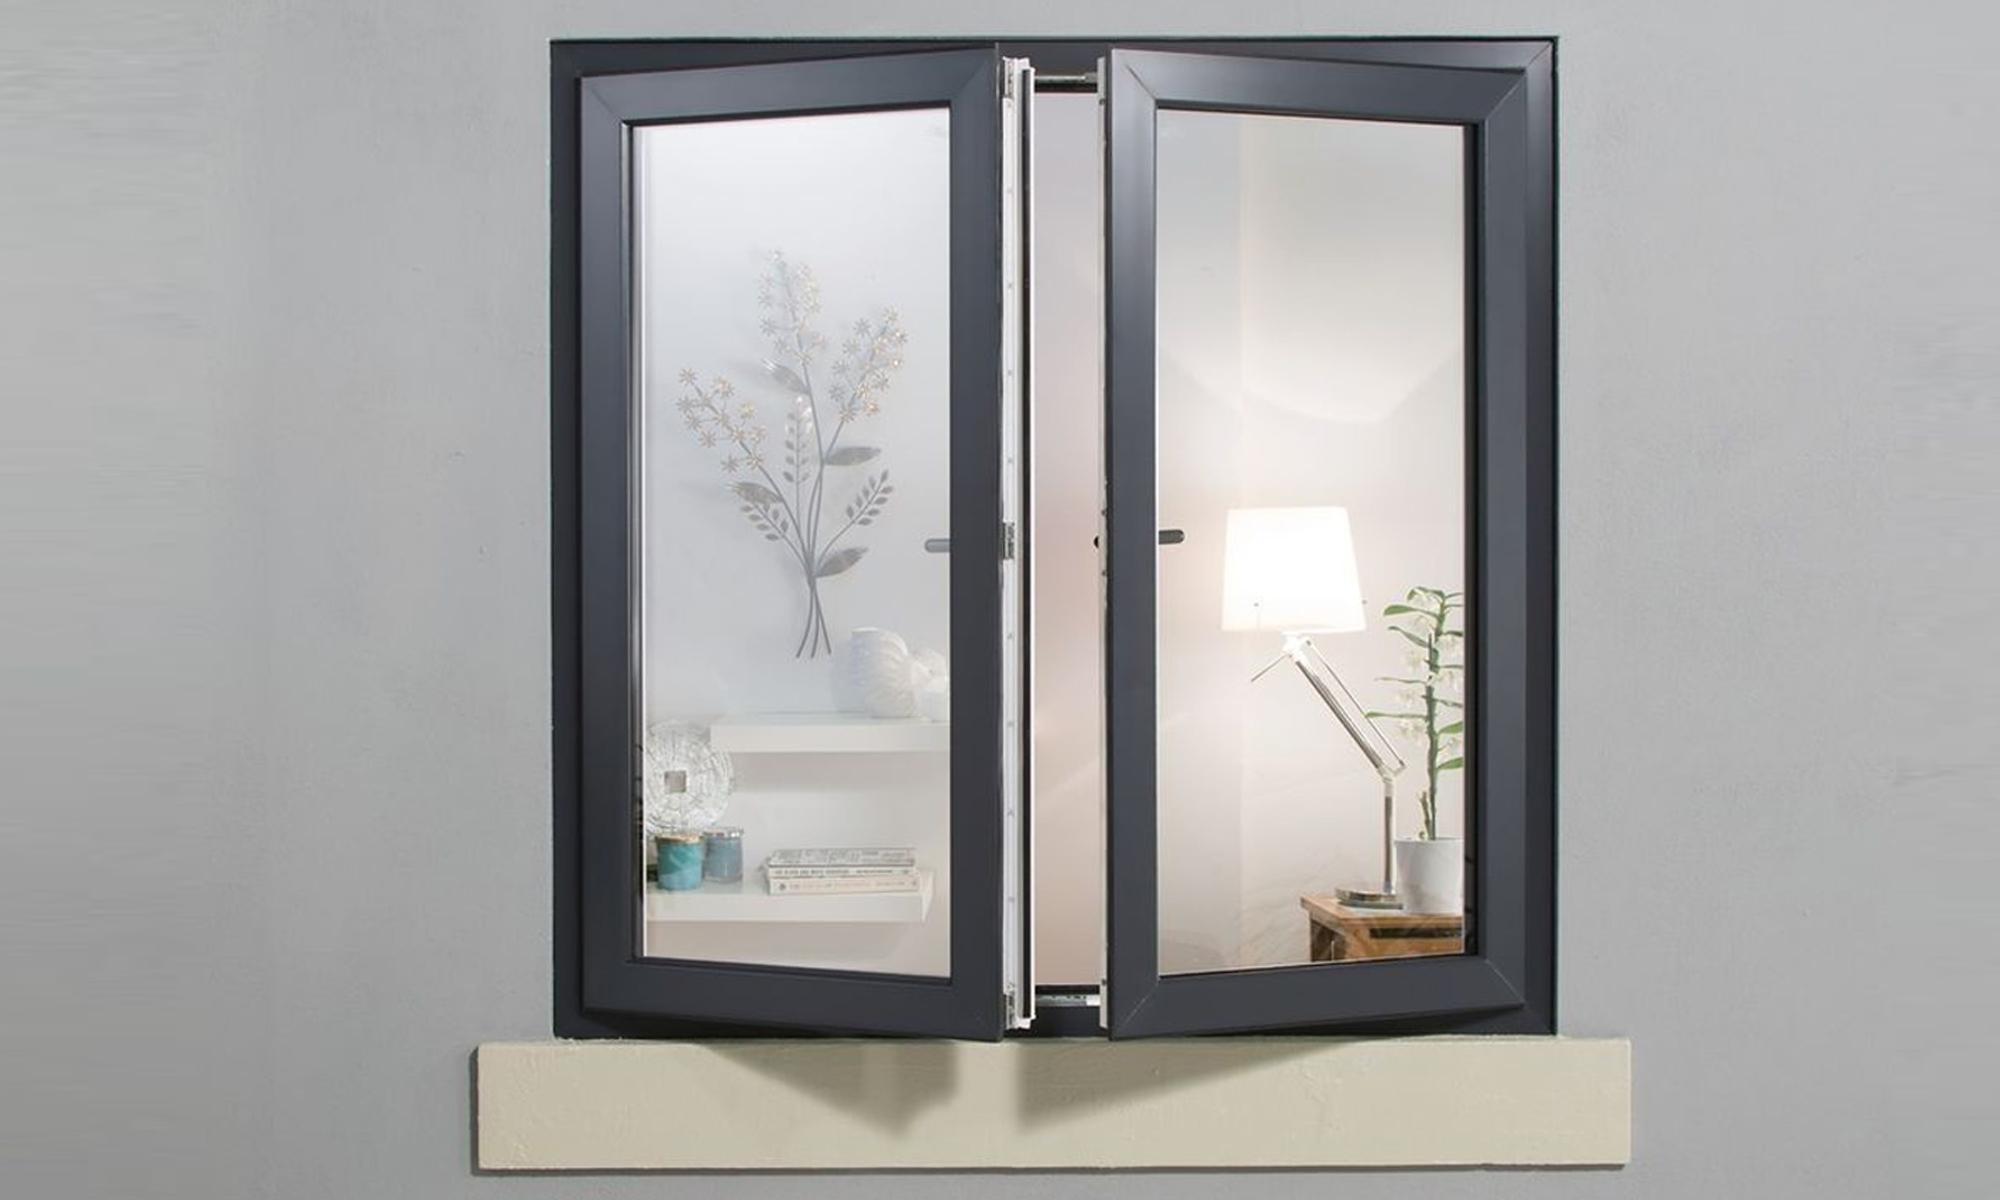 Розрахунок вартості вікна VEKA ONLINE